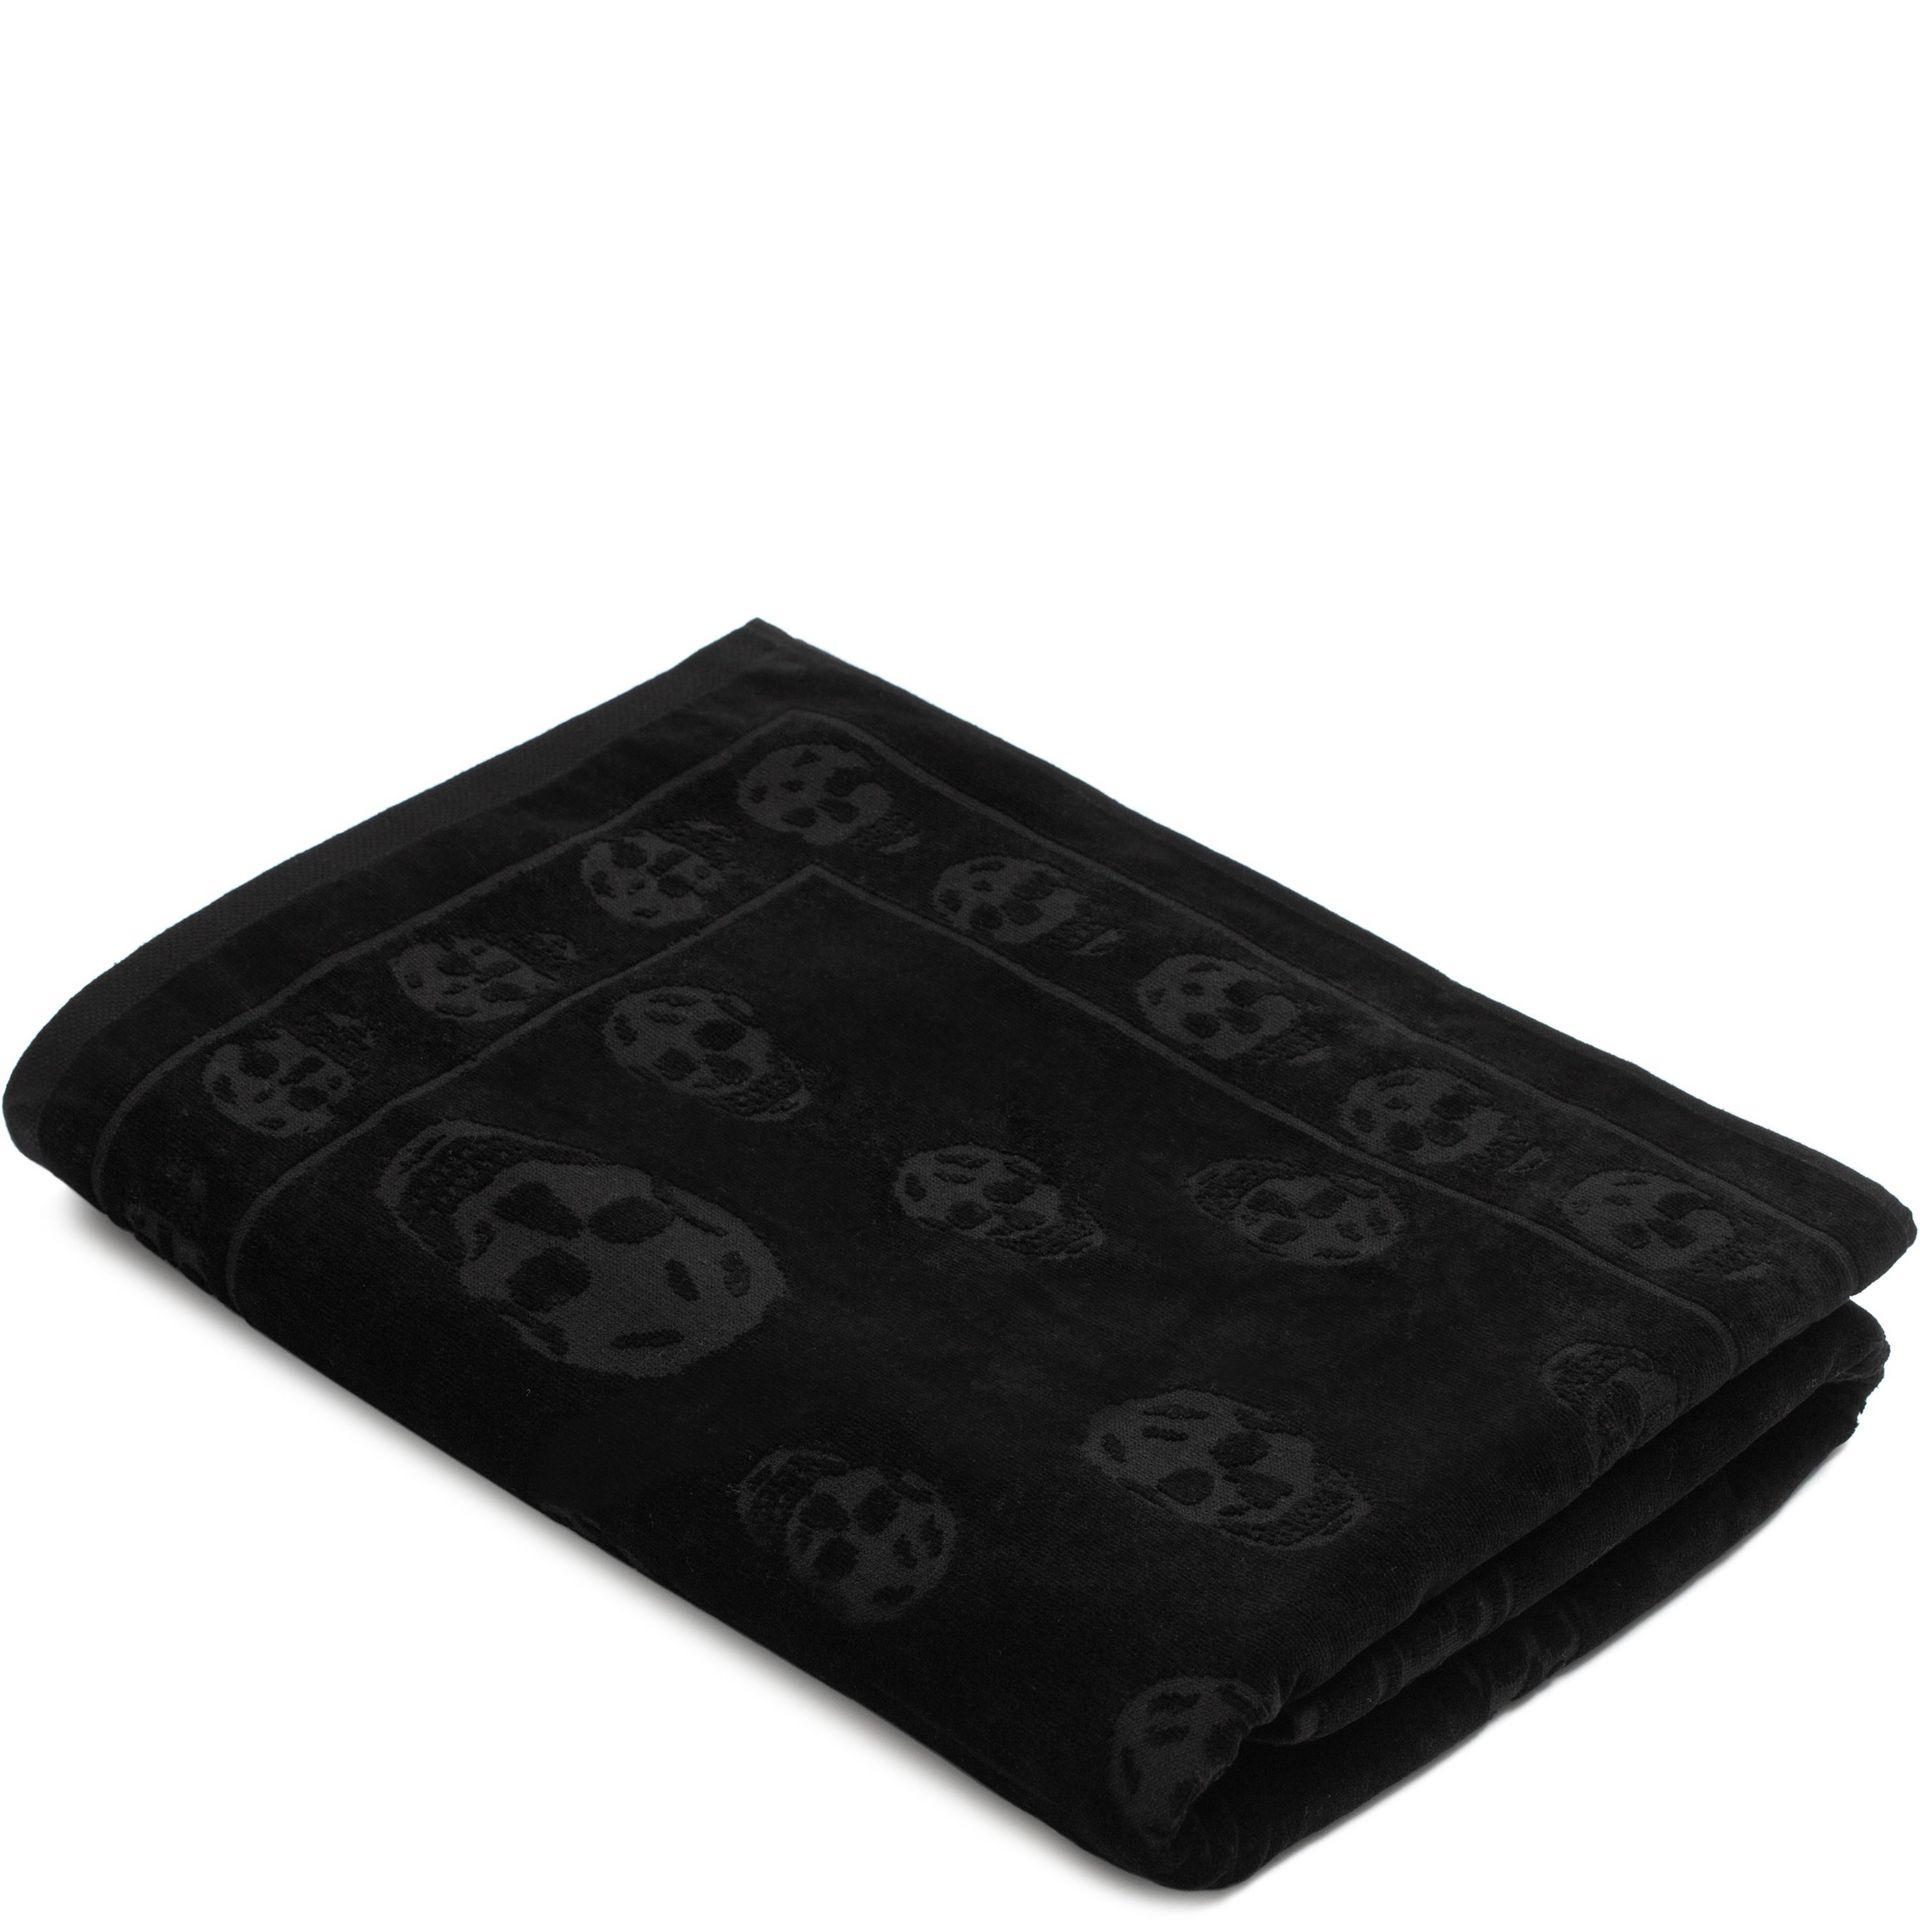 Alexander mcqueen Tonal Skull Towel in Black for Men